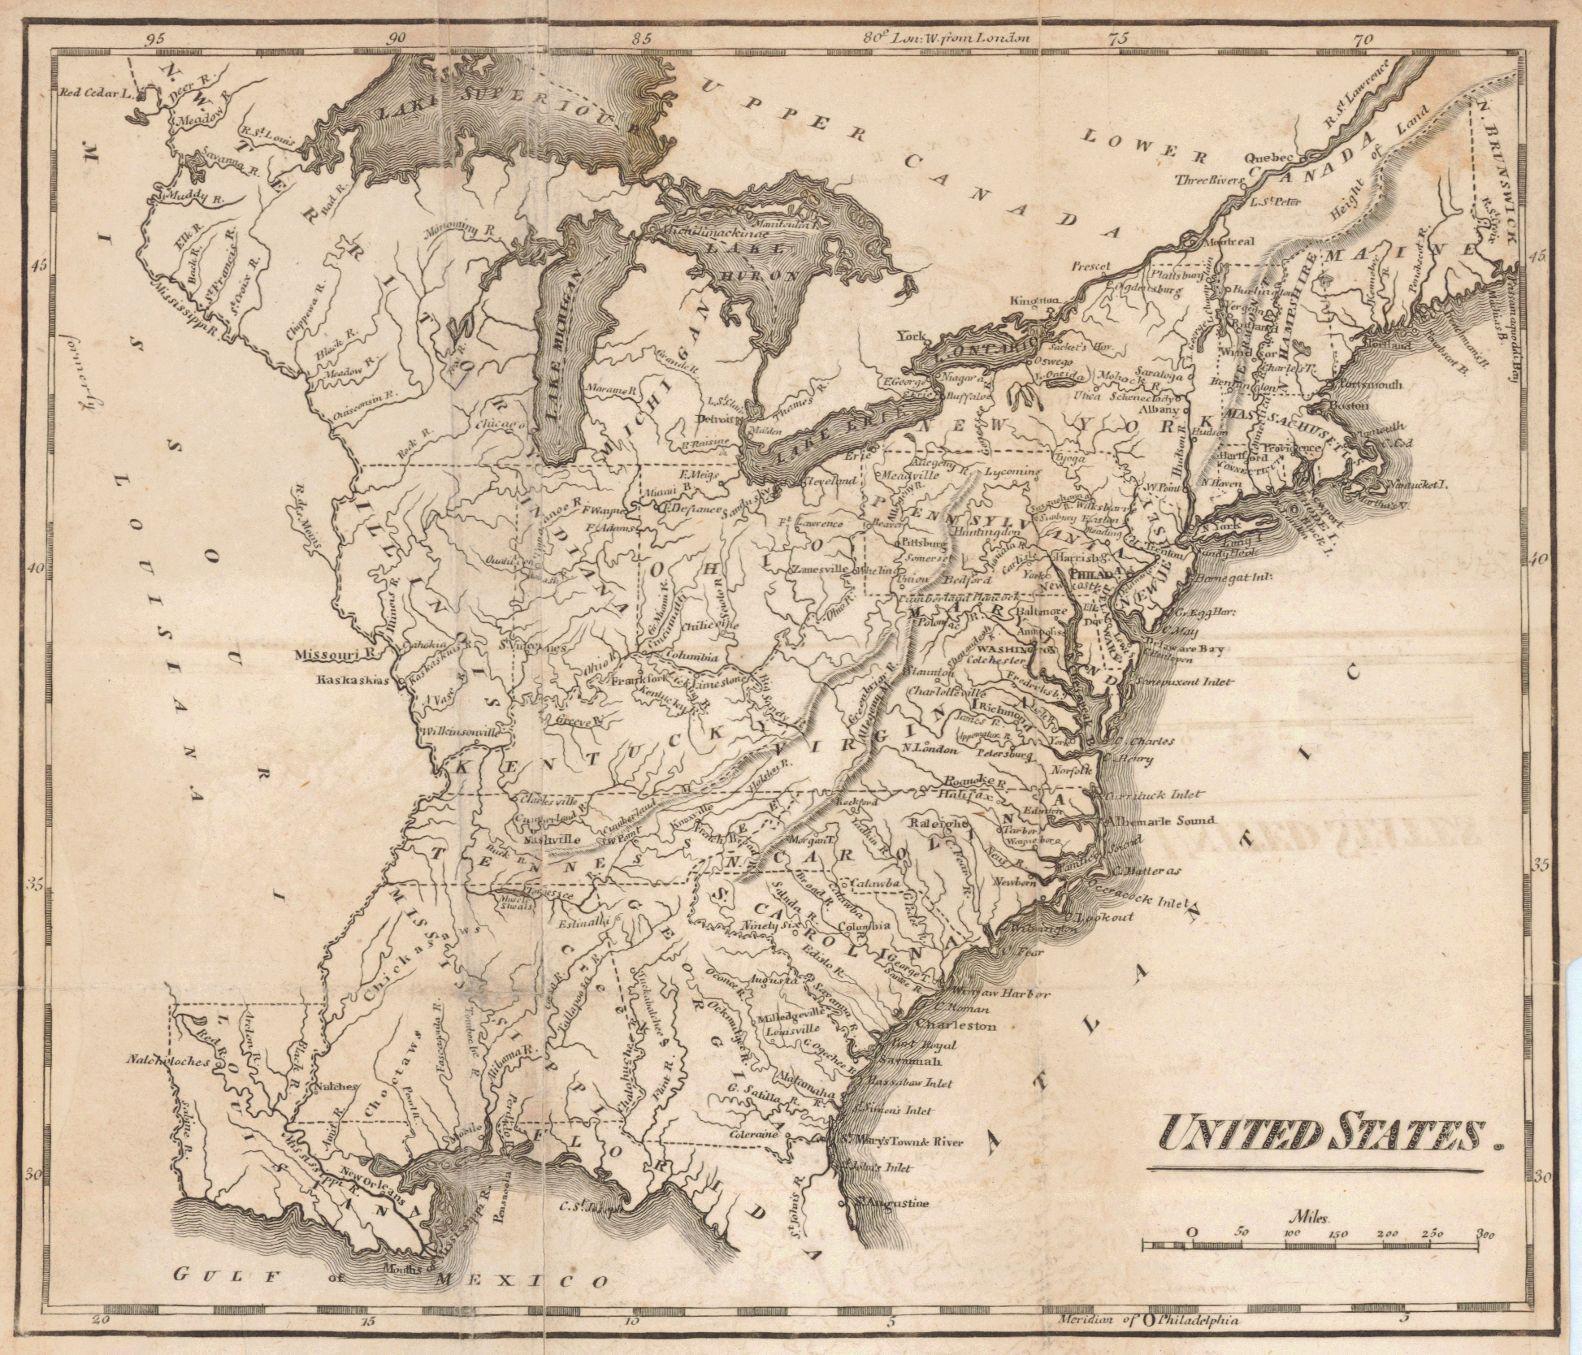 United States Mathew Carey Published Philadelphia - 1814 us map